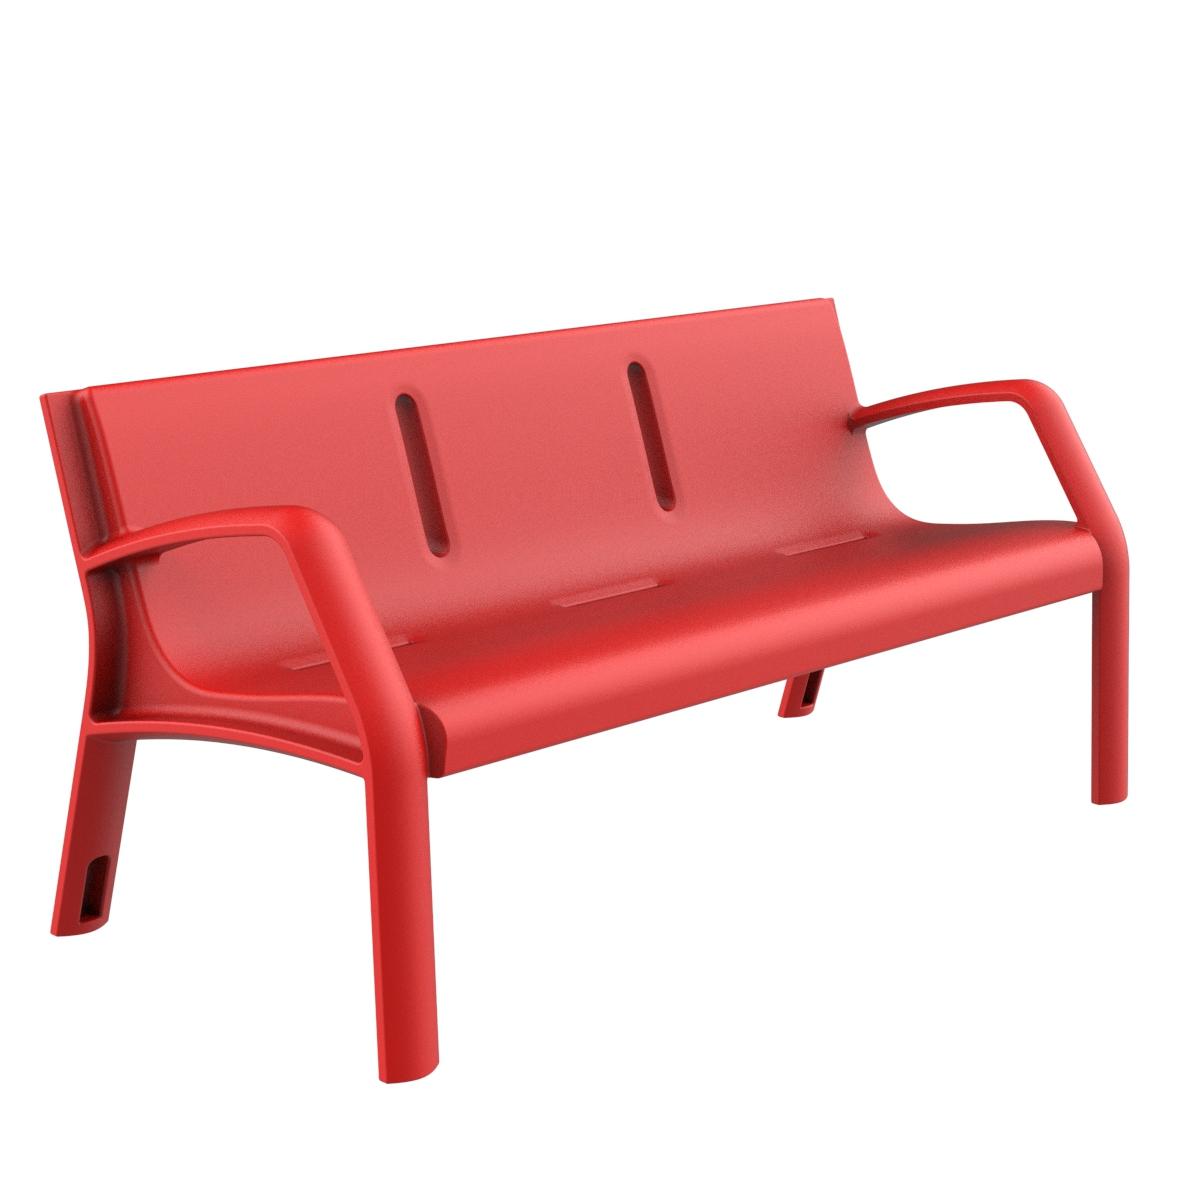 Banco plastico alvium mobiliario urbano para sentarse for Bancos de jardin de plastico